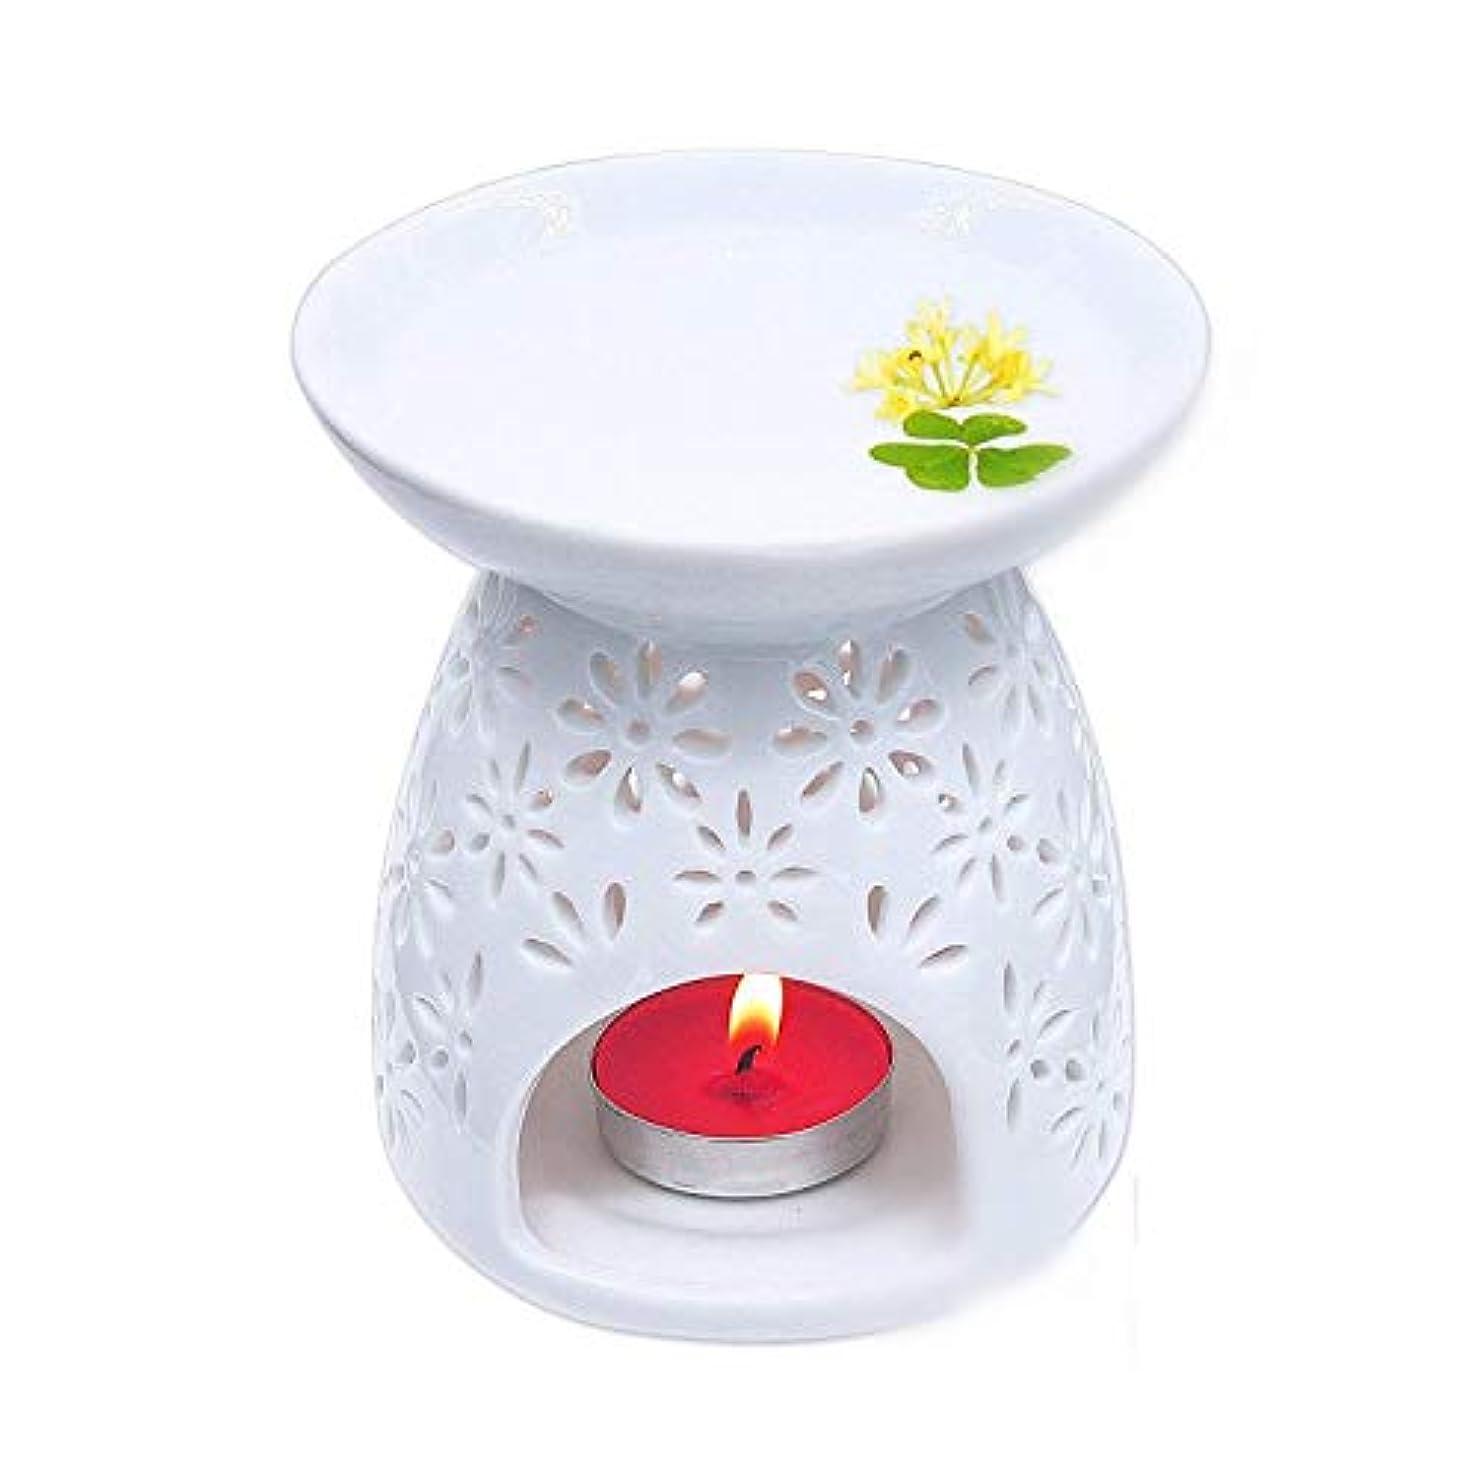 アナロジー日の出剥離Pursue 茶香炉 アロマ炉 香炉 陶器 精油 香炉置物 薫香 インテリア アロマディフューザー 中空の彫刻工 消臭と癒し おしゃれ